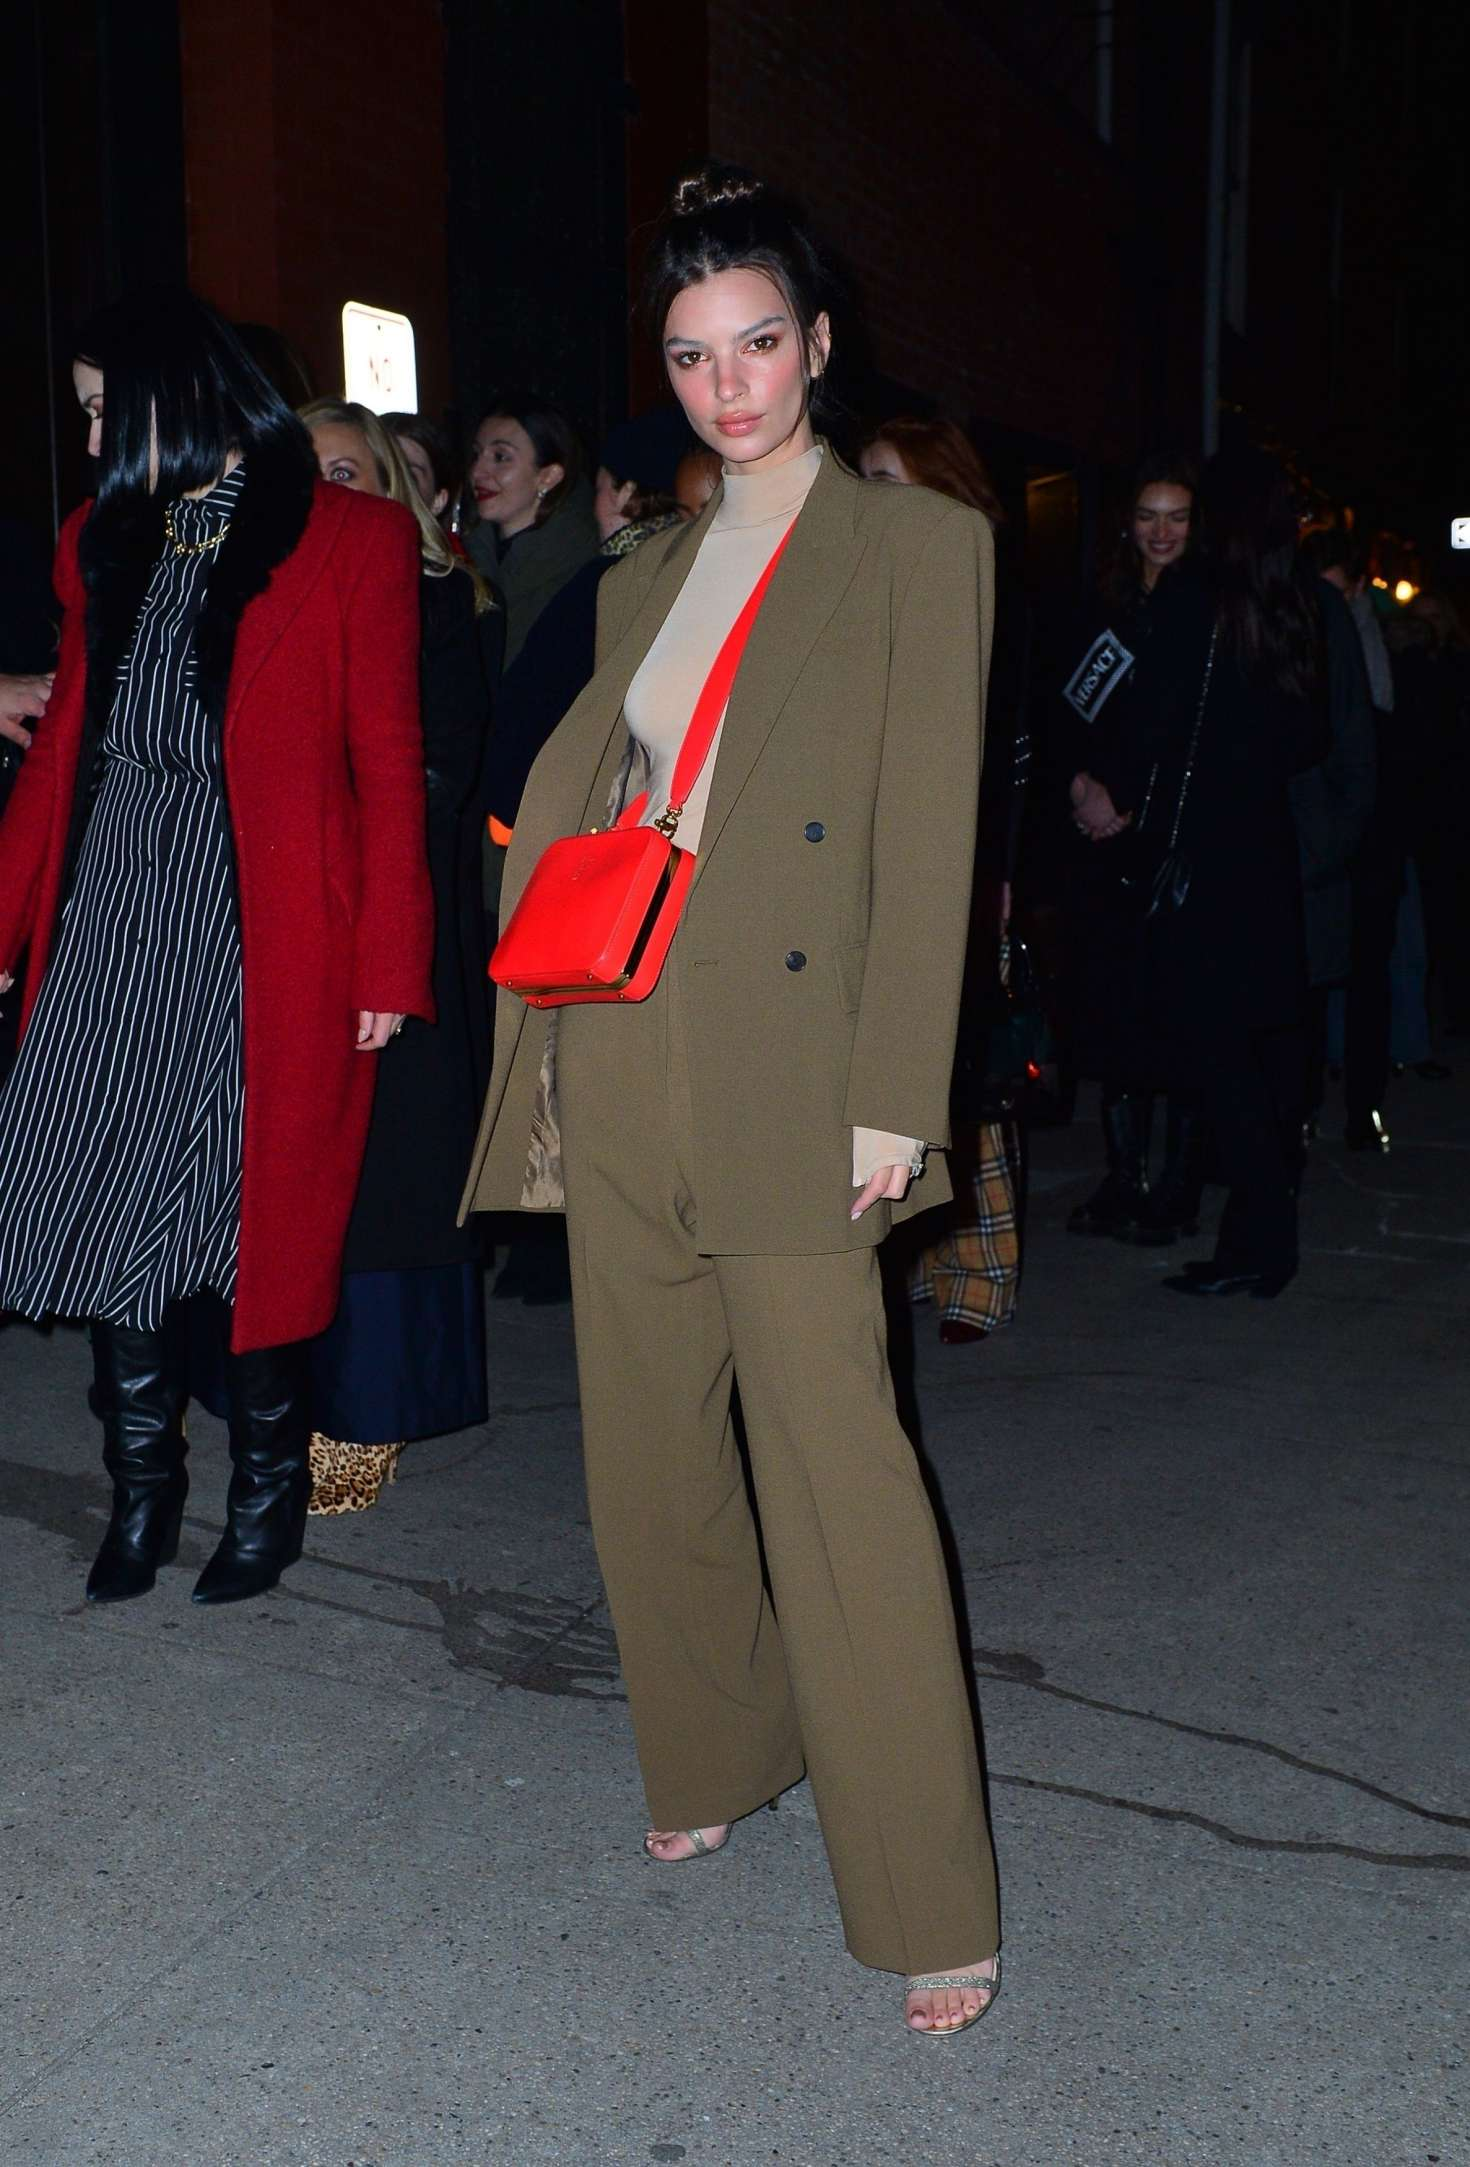 Emily Ratajkowski 2019 : Emily Ratajkowski: Attend the Tiffany & Co party -04